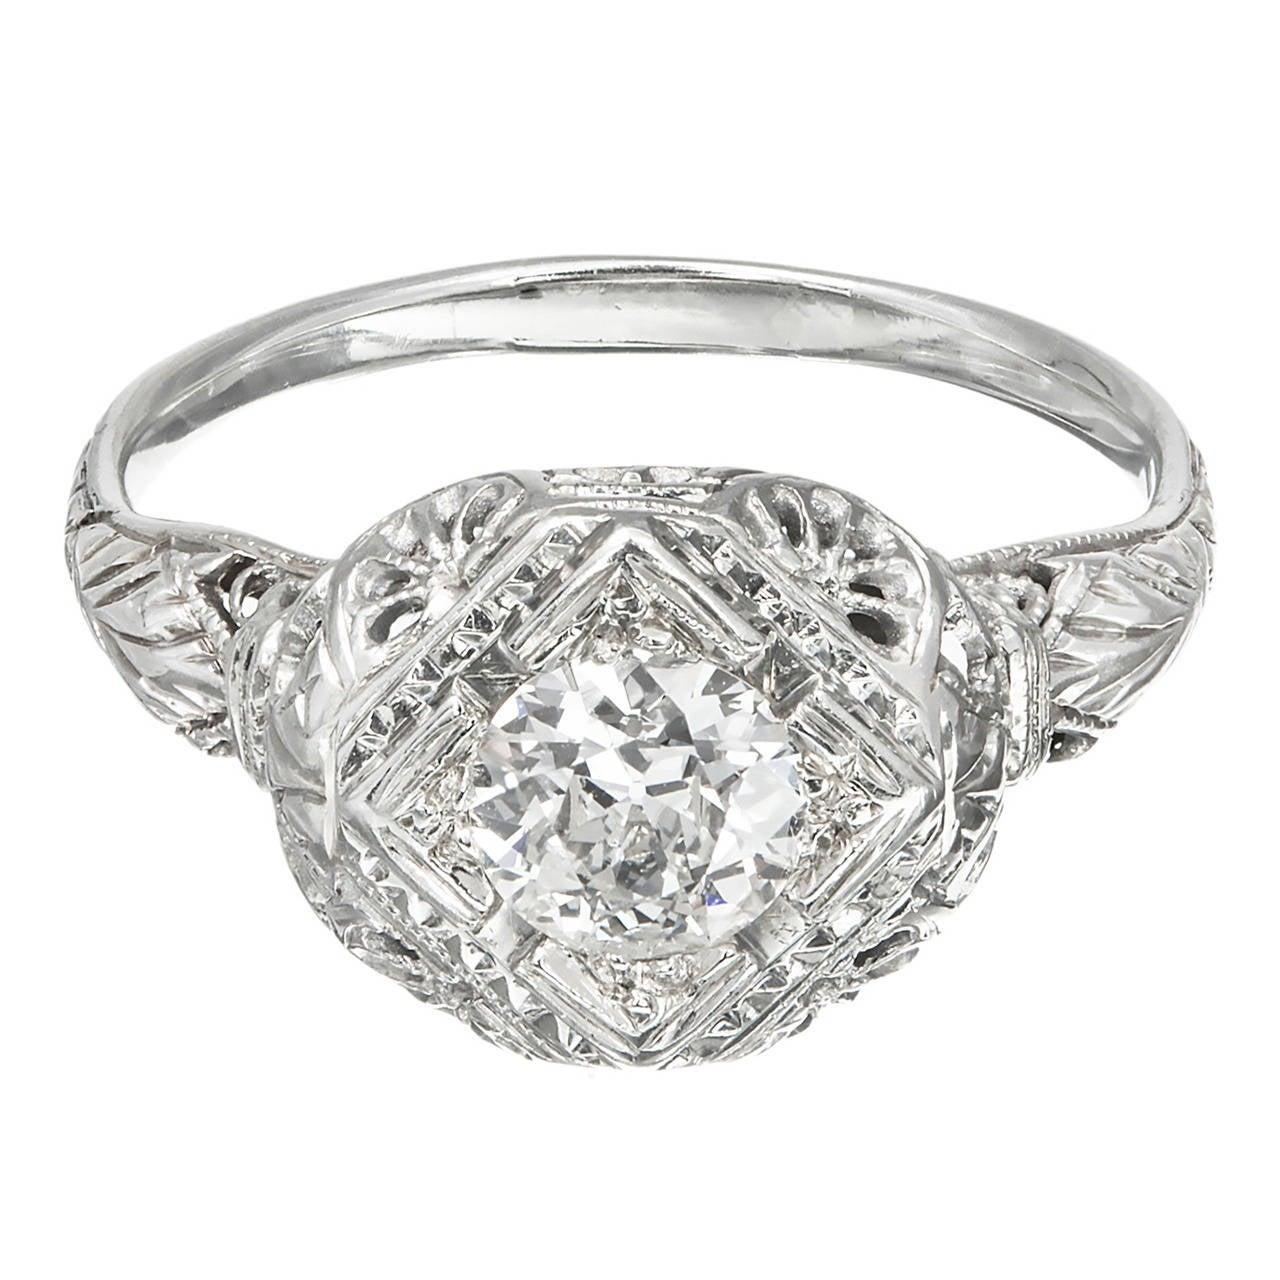 EGL Certified .65 Carat Old European Cut Diamond Gold Filigree Engagement Ring